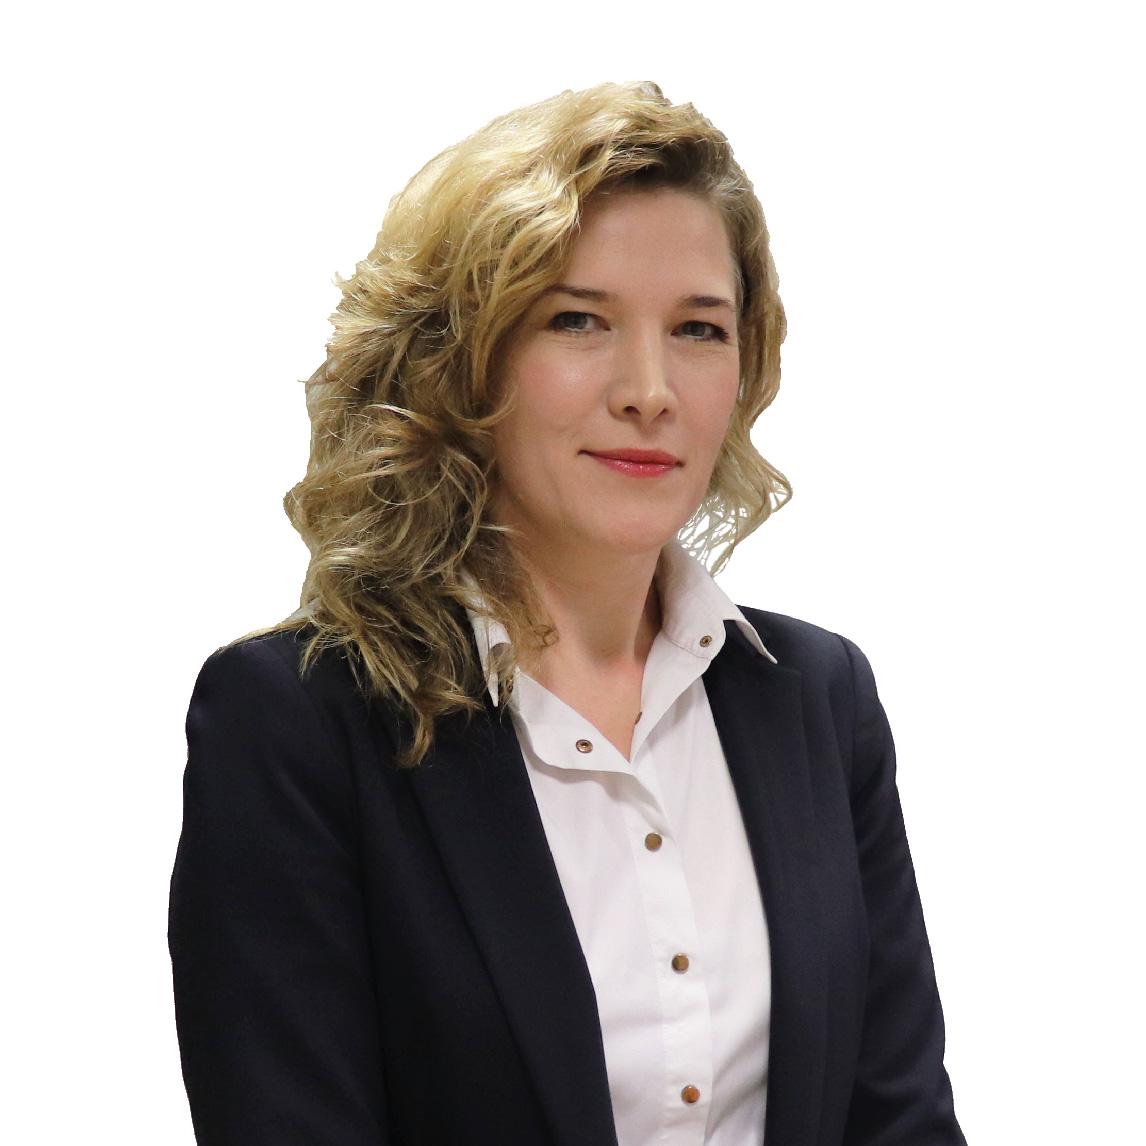 Ewa Harchut